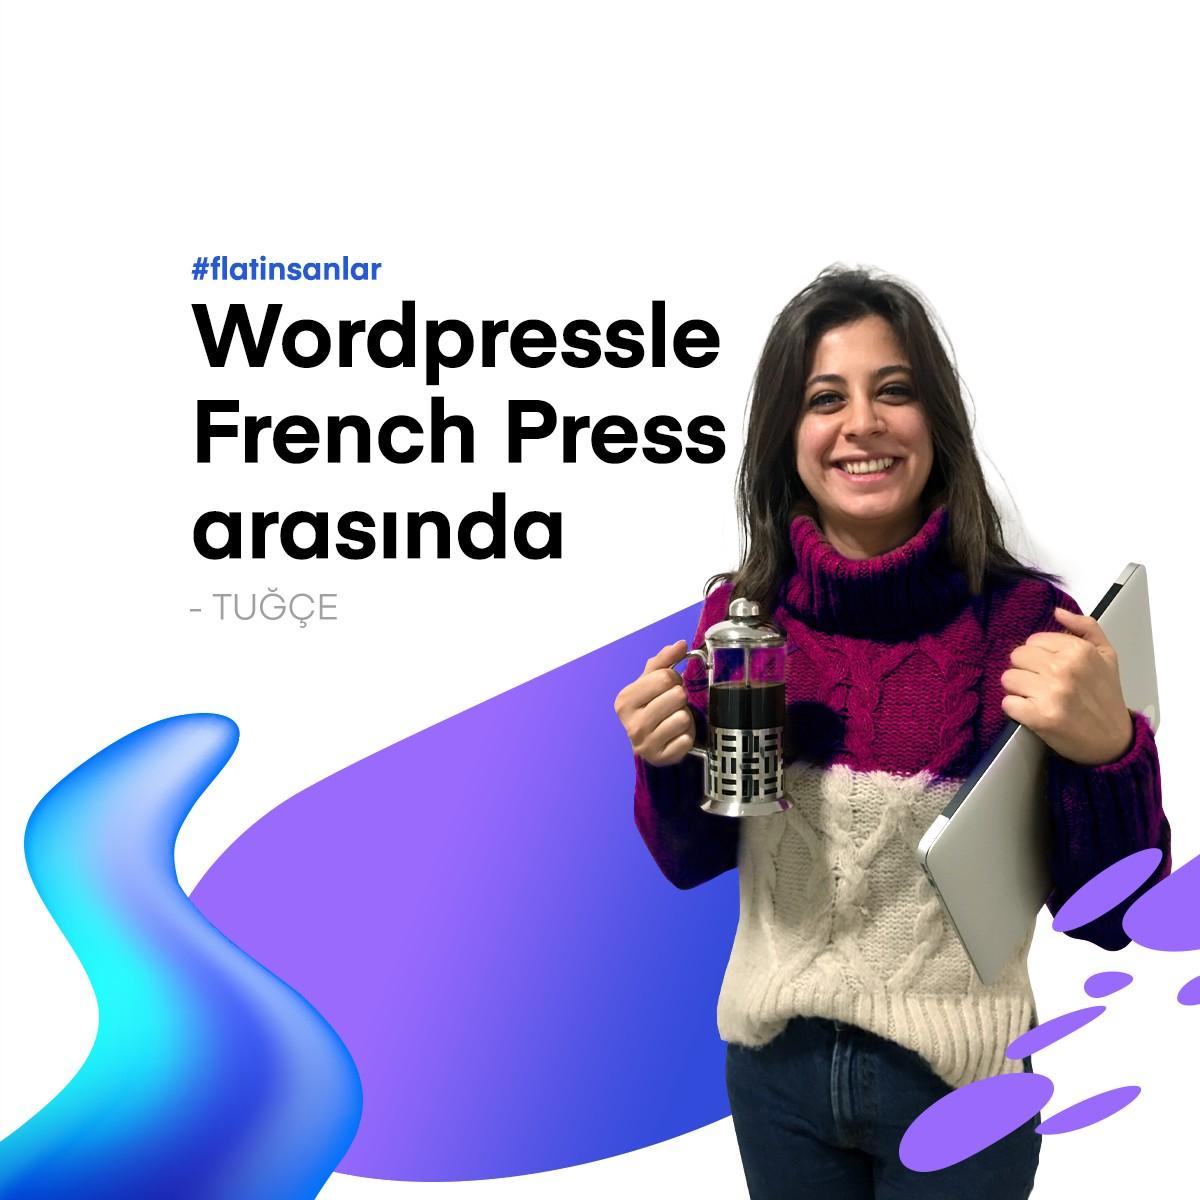 Siz bilir misiniz bir dijital pazarlamacı, french press ten Wordpress'e kaç saniyede ulaşabilir? 🤔 -Mesela Tuğçe 3 saniyede 👩🏽💻 . #flatartagency #digitalmarketingsolutions https://t.co/0lNVnGAveO